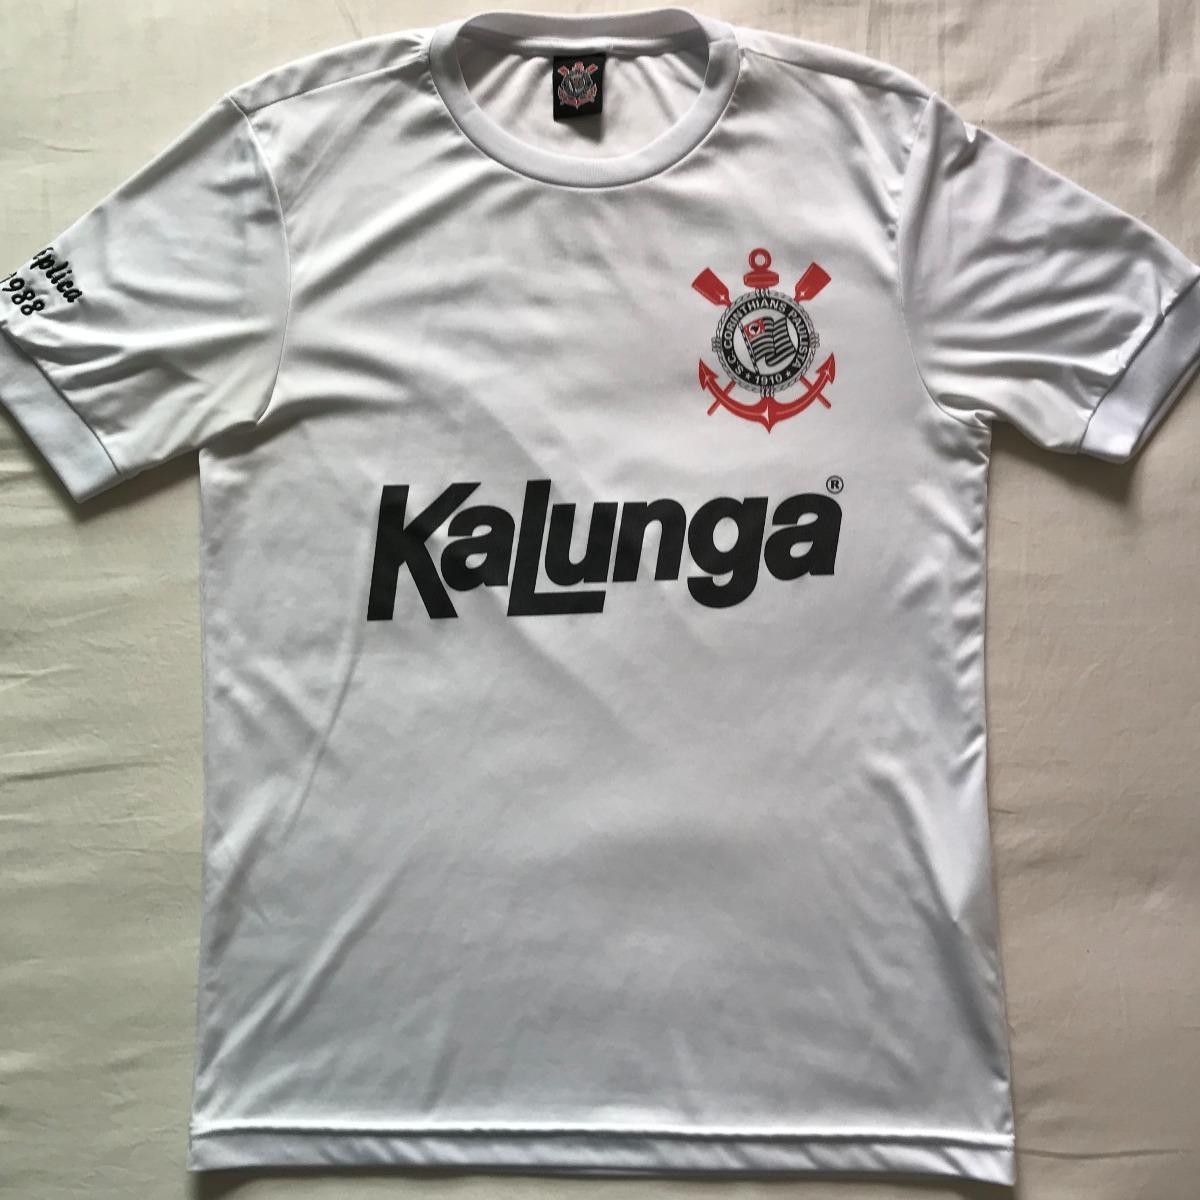 camisa corinthians replica 1988 kalunga retro shoptimao. Carregando zoom. 402ea1335e849